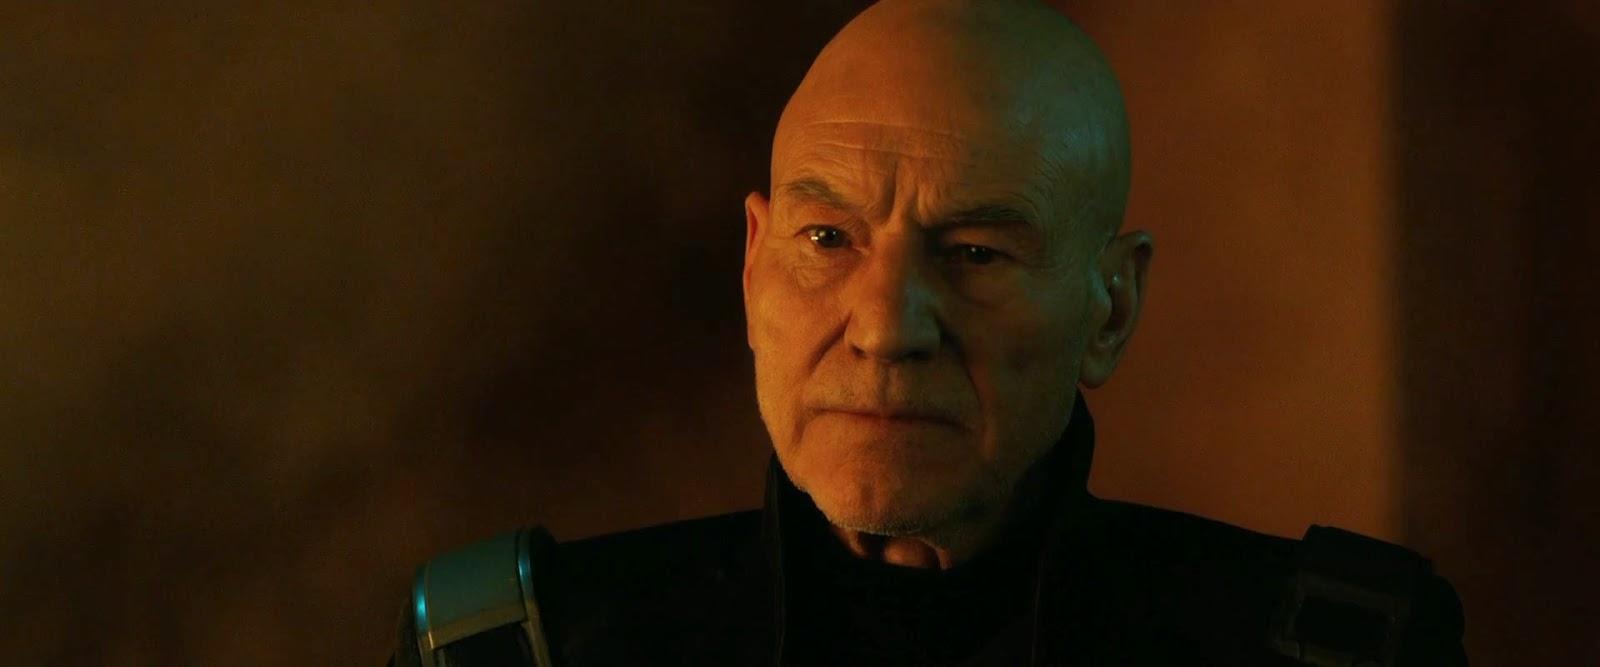 X-Men: Days of Future Past (2014) S4 s X-Men: Days of Future Past (2014)